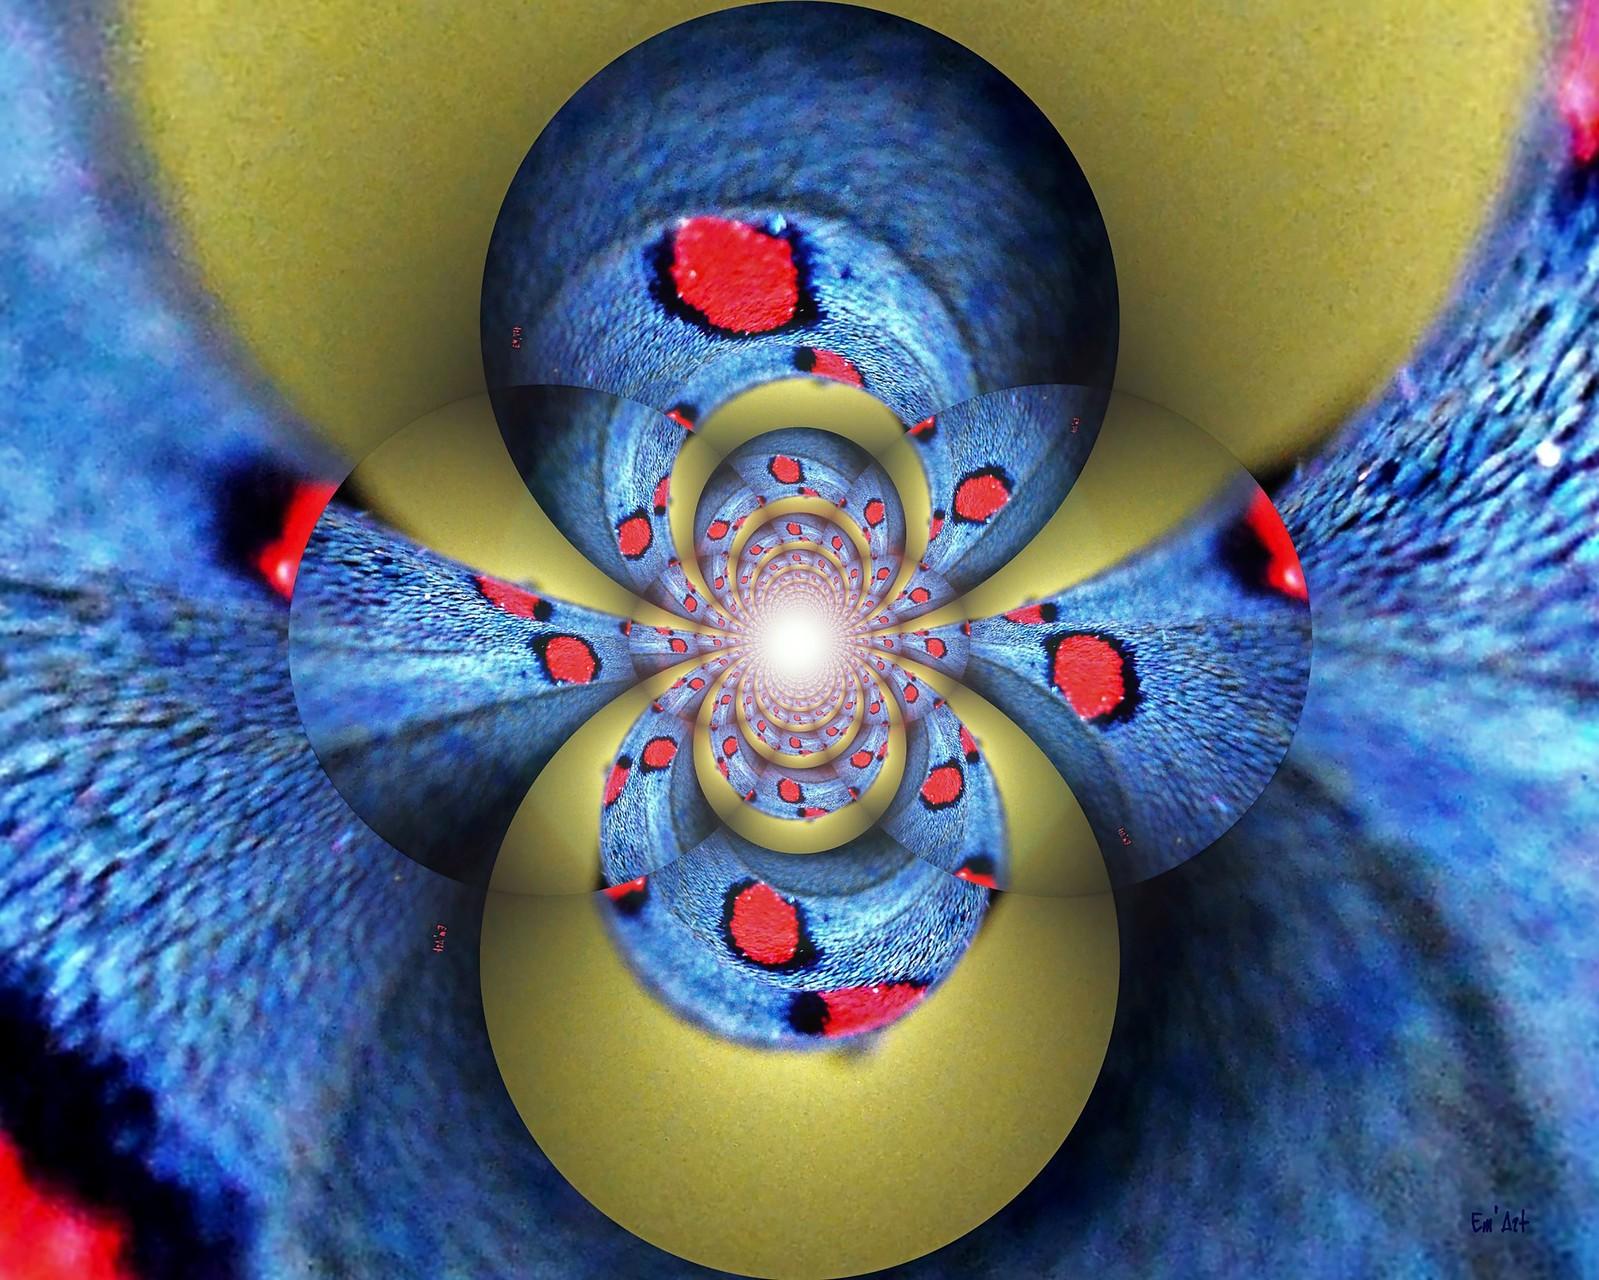 Y Multiverse